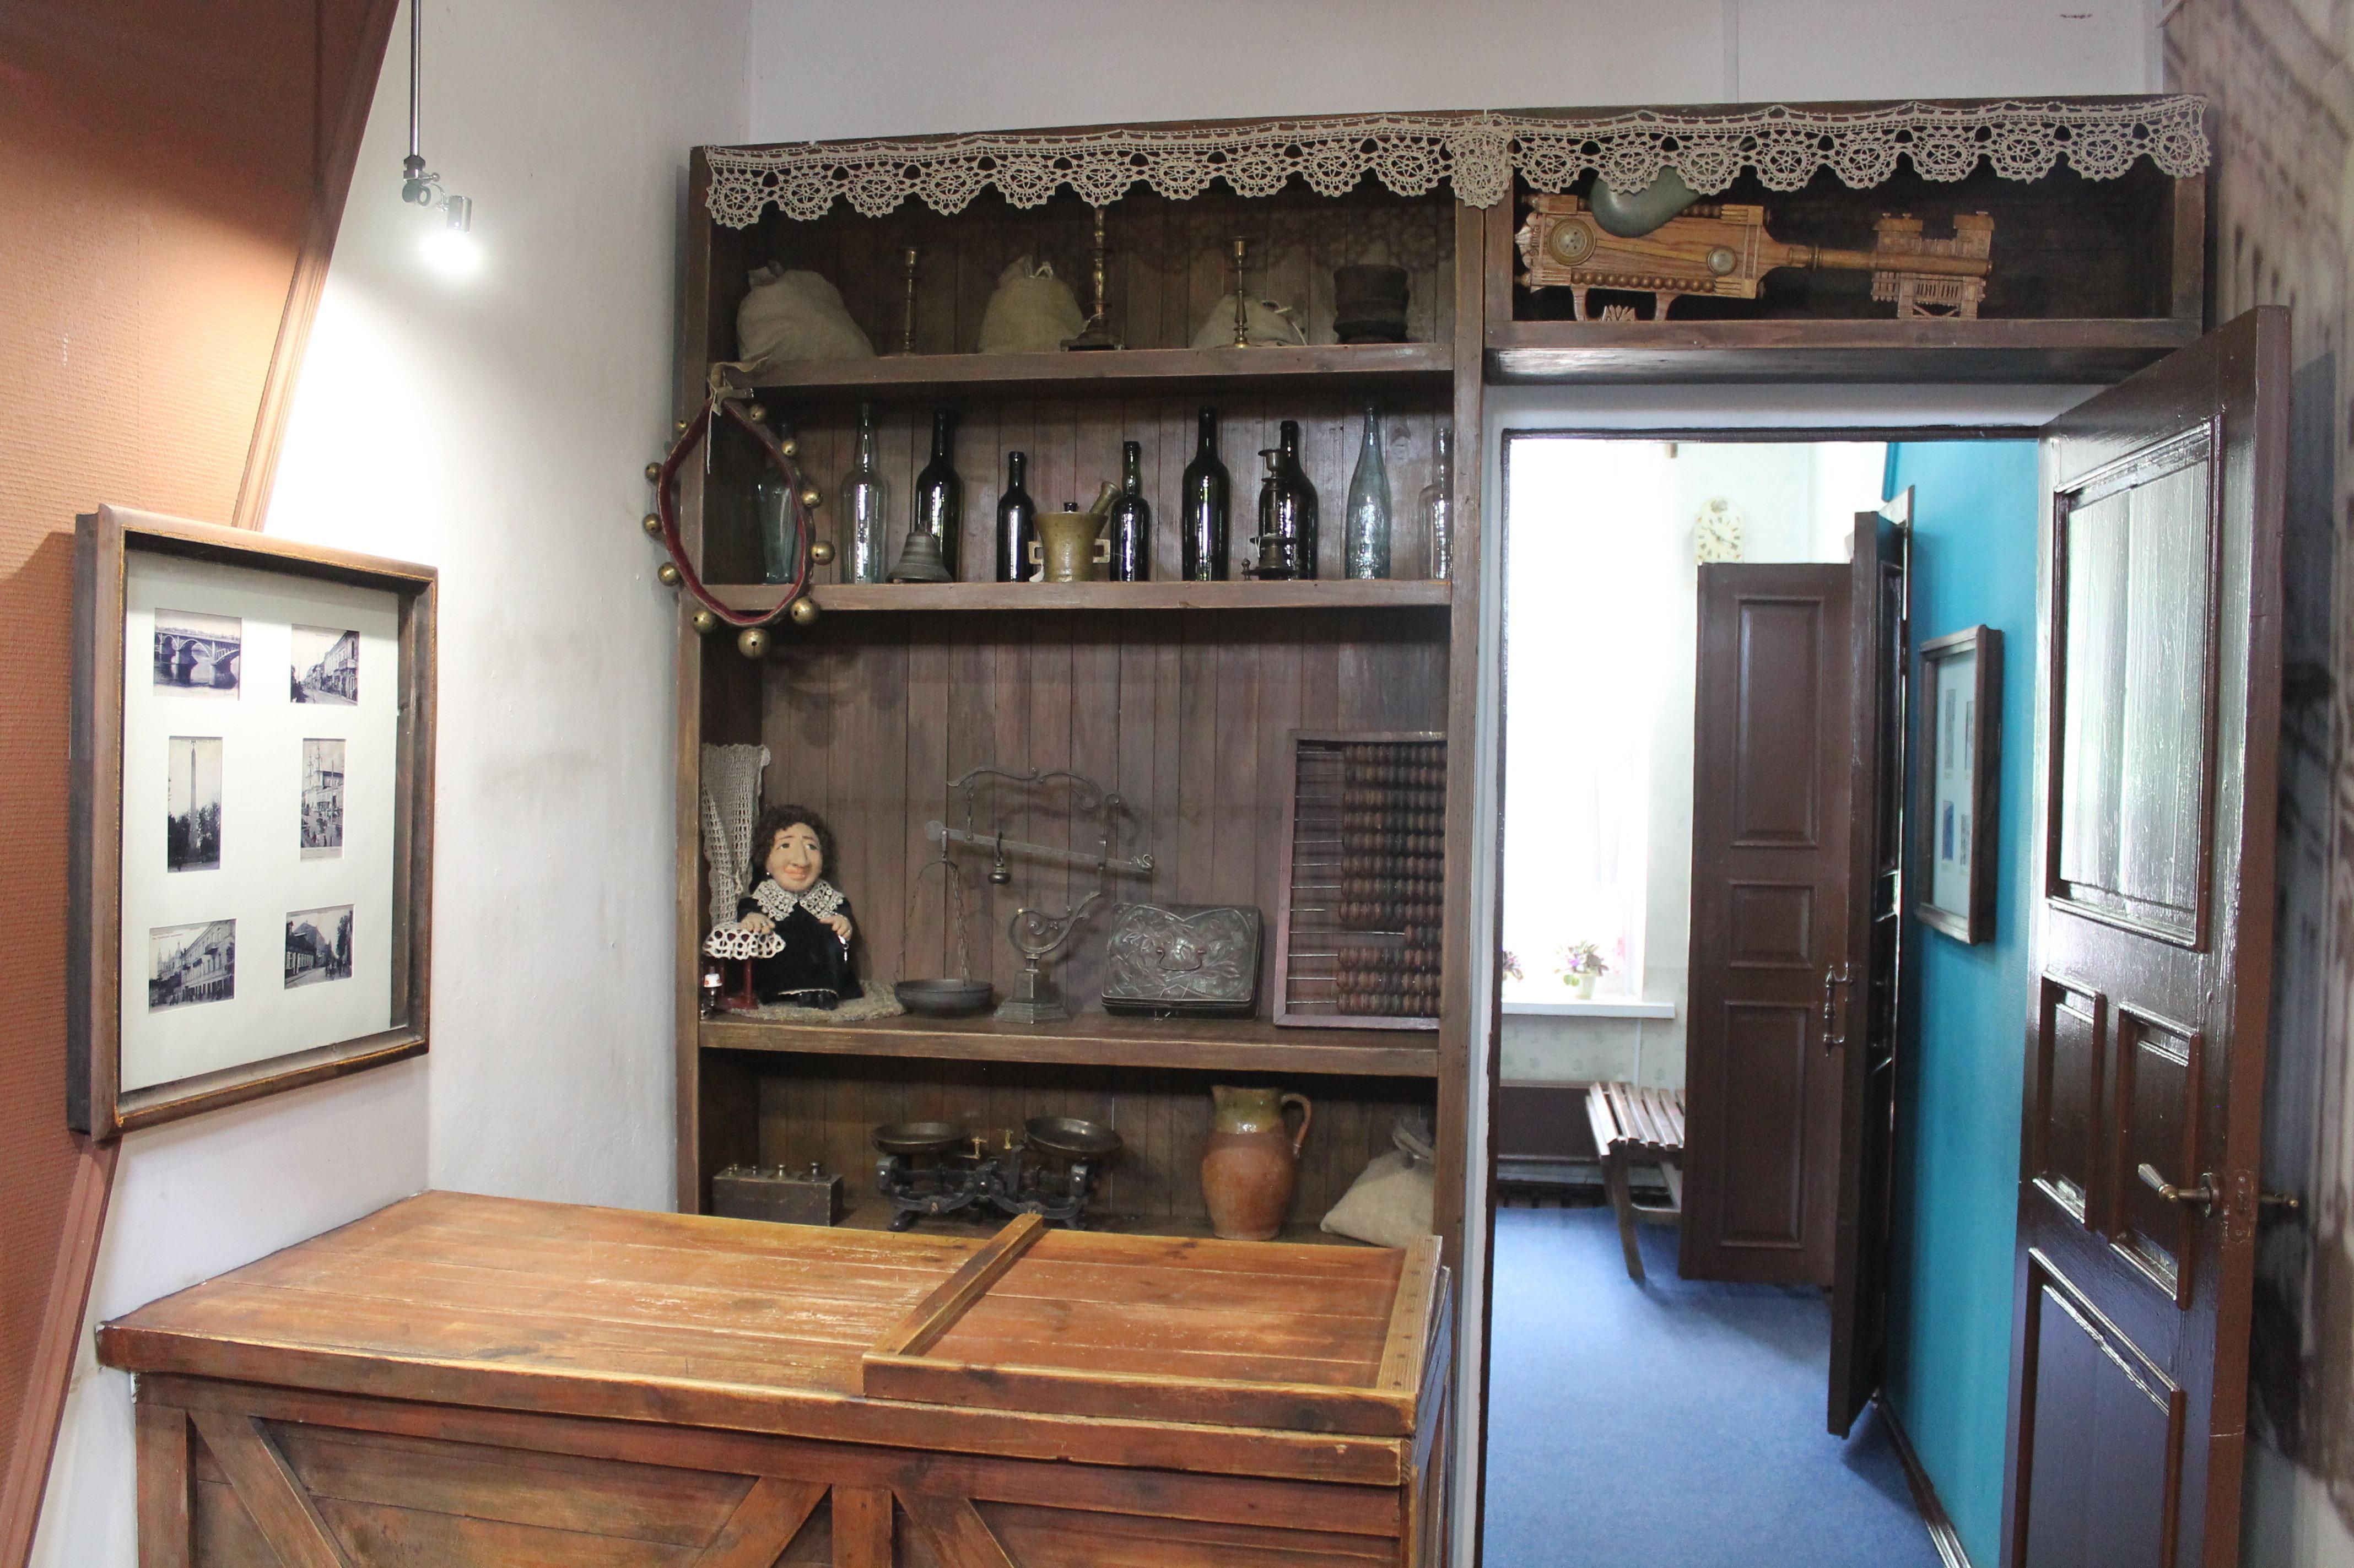 Конторка, за которой мать Марка Шагала продавала различные товары. Лавка находилась прямо в доме.